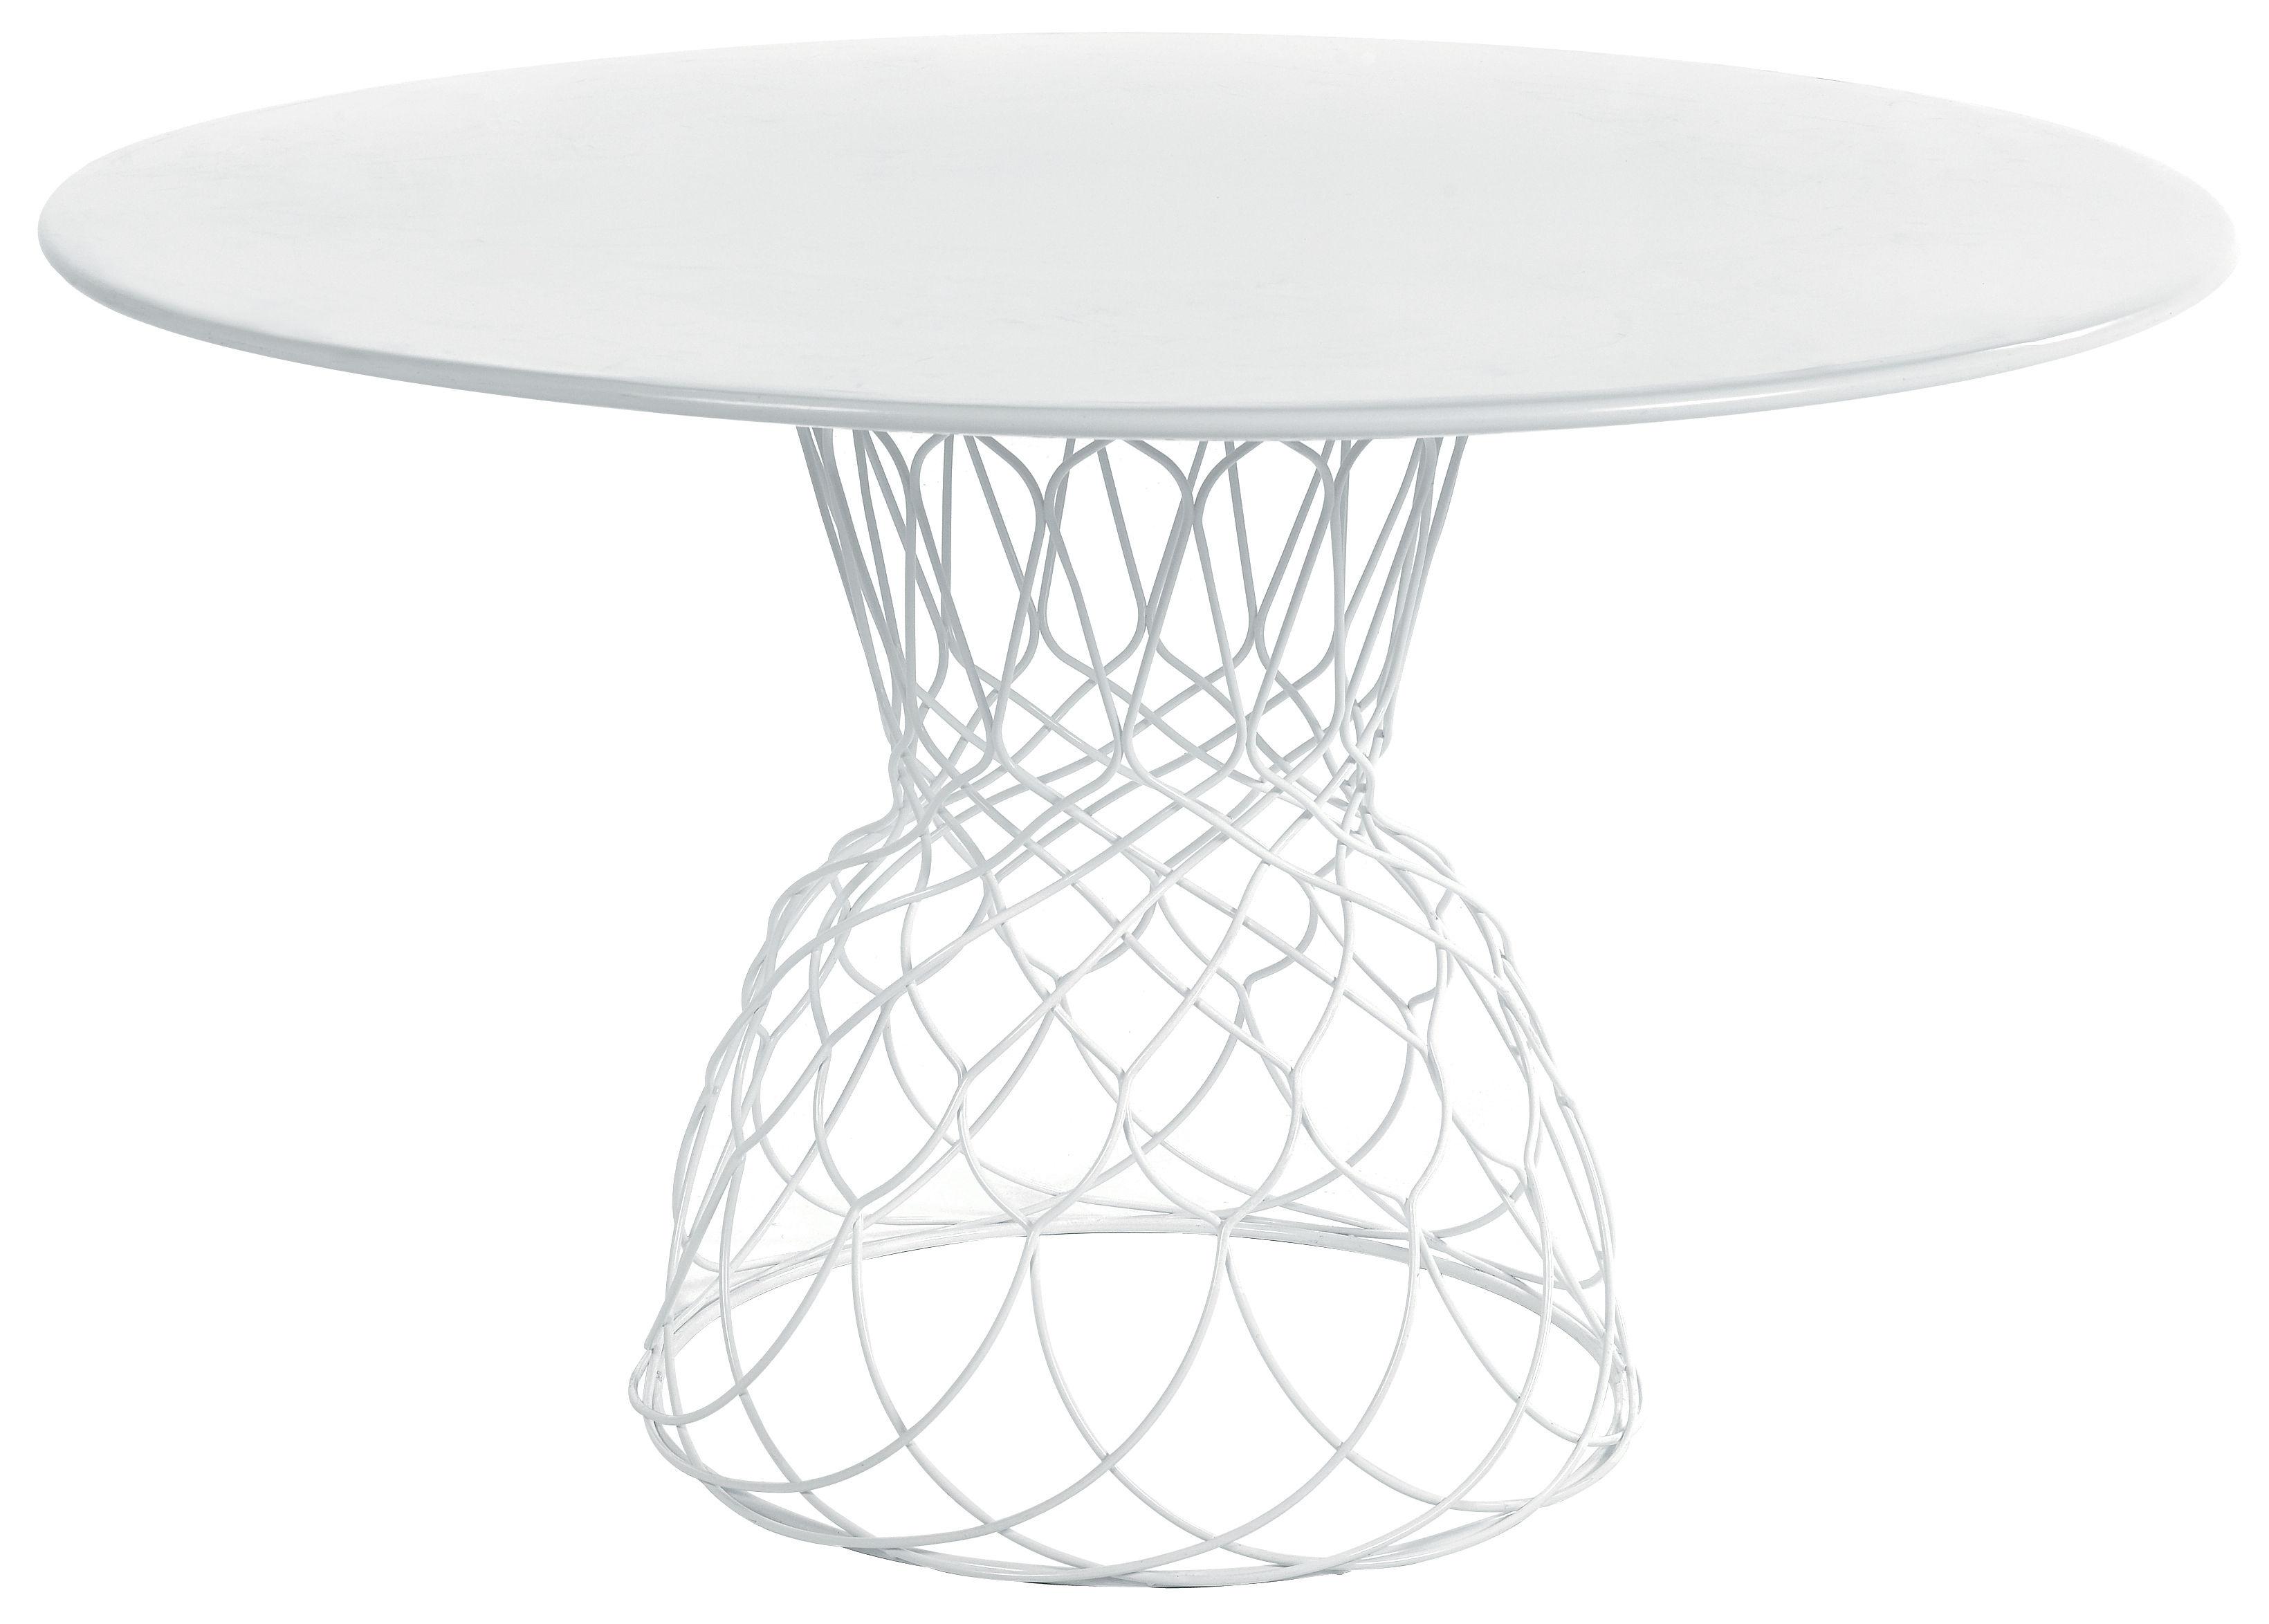 Jardin - Tables de jardin - Table de jardin Re-trouvé Ø 130 cm - Emu - Blanc - Acier